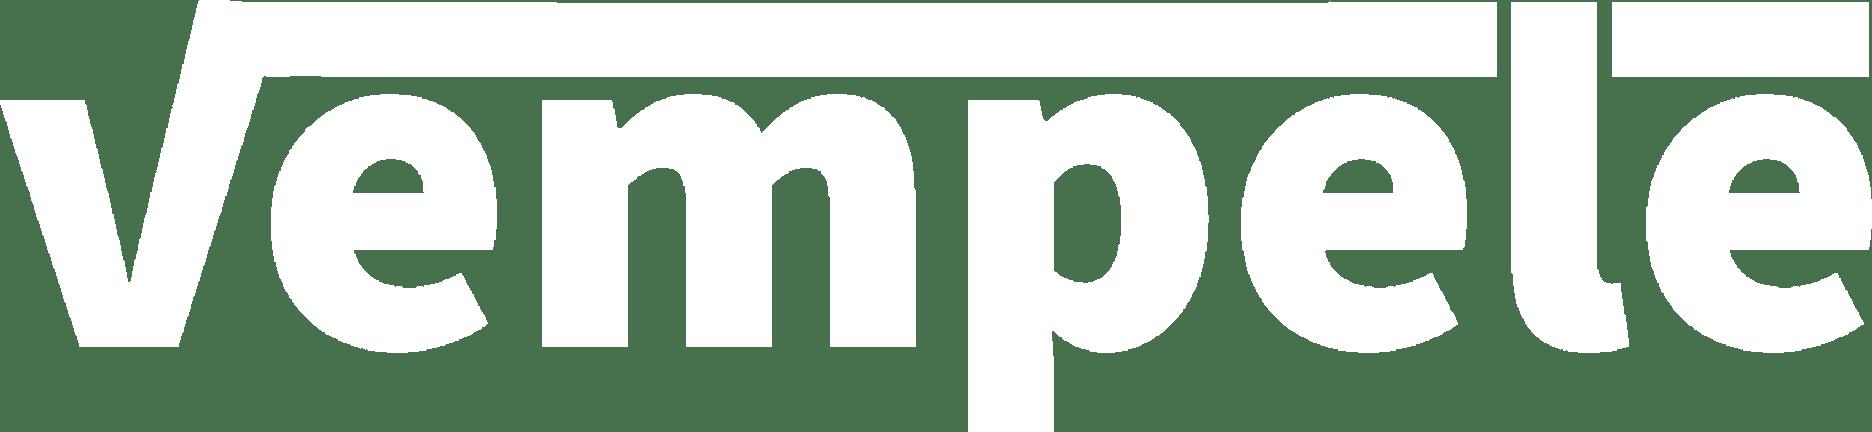 Vempele logo valkoinen